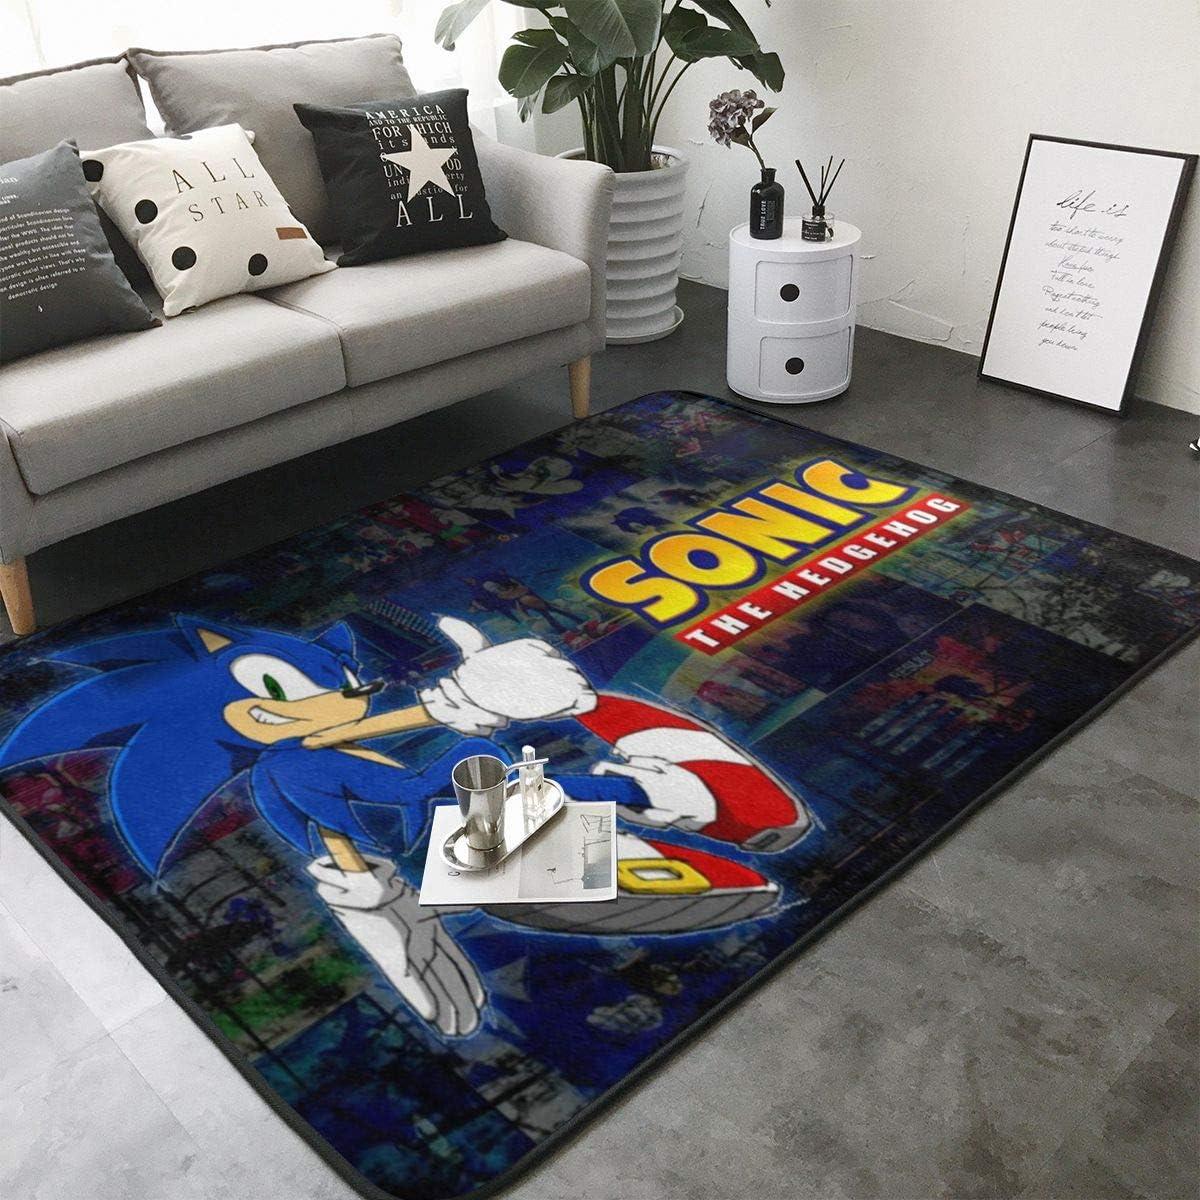 So-nic The Hed-gehog 21 Home Decoration Large Rug Floor Carpet Yoga Mat, Modern Area Rug for Children Kid Playroom Bedroom 36 x 24 inch